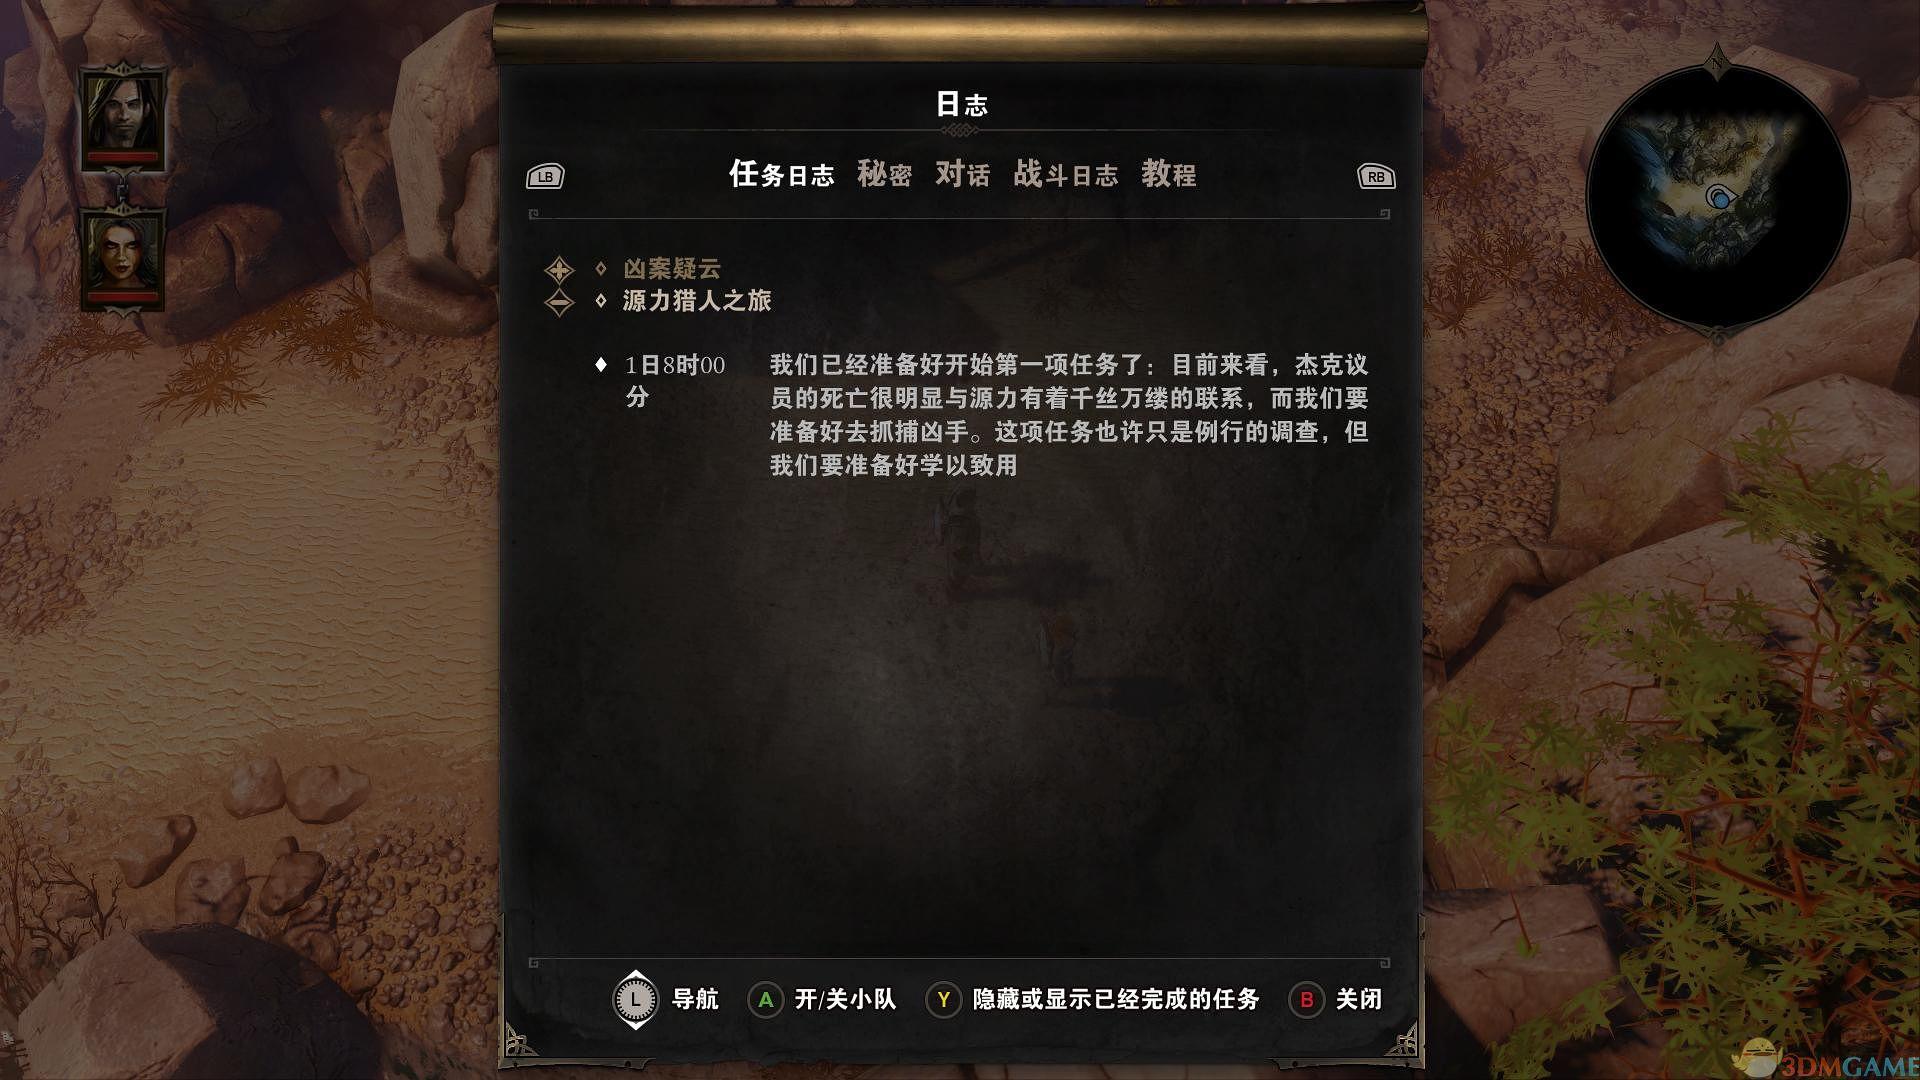 神界3:原罪 正式版 v1.0.252升级档+破解补丁[3DM]